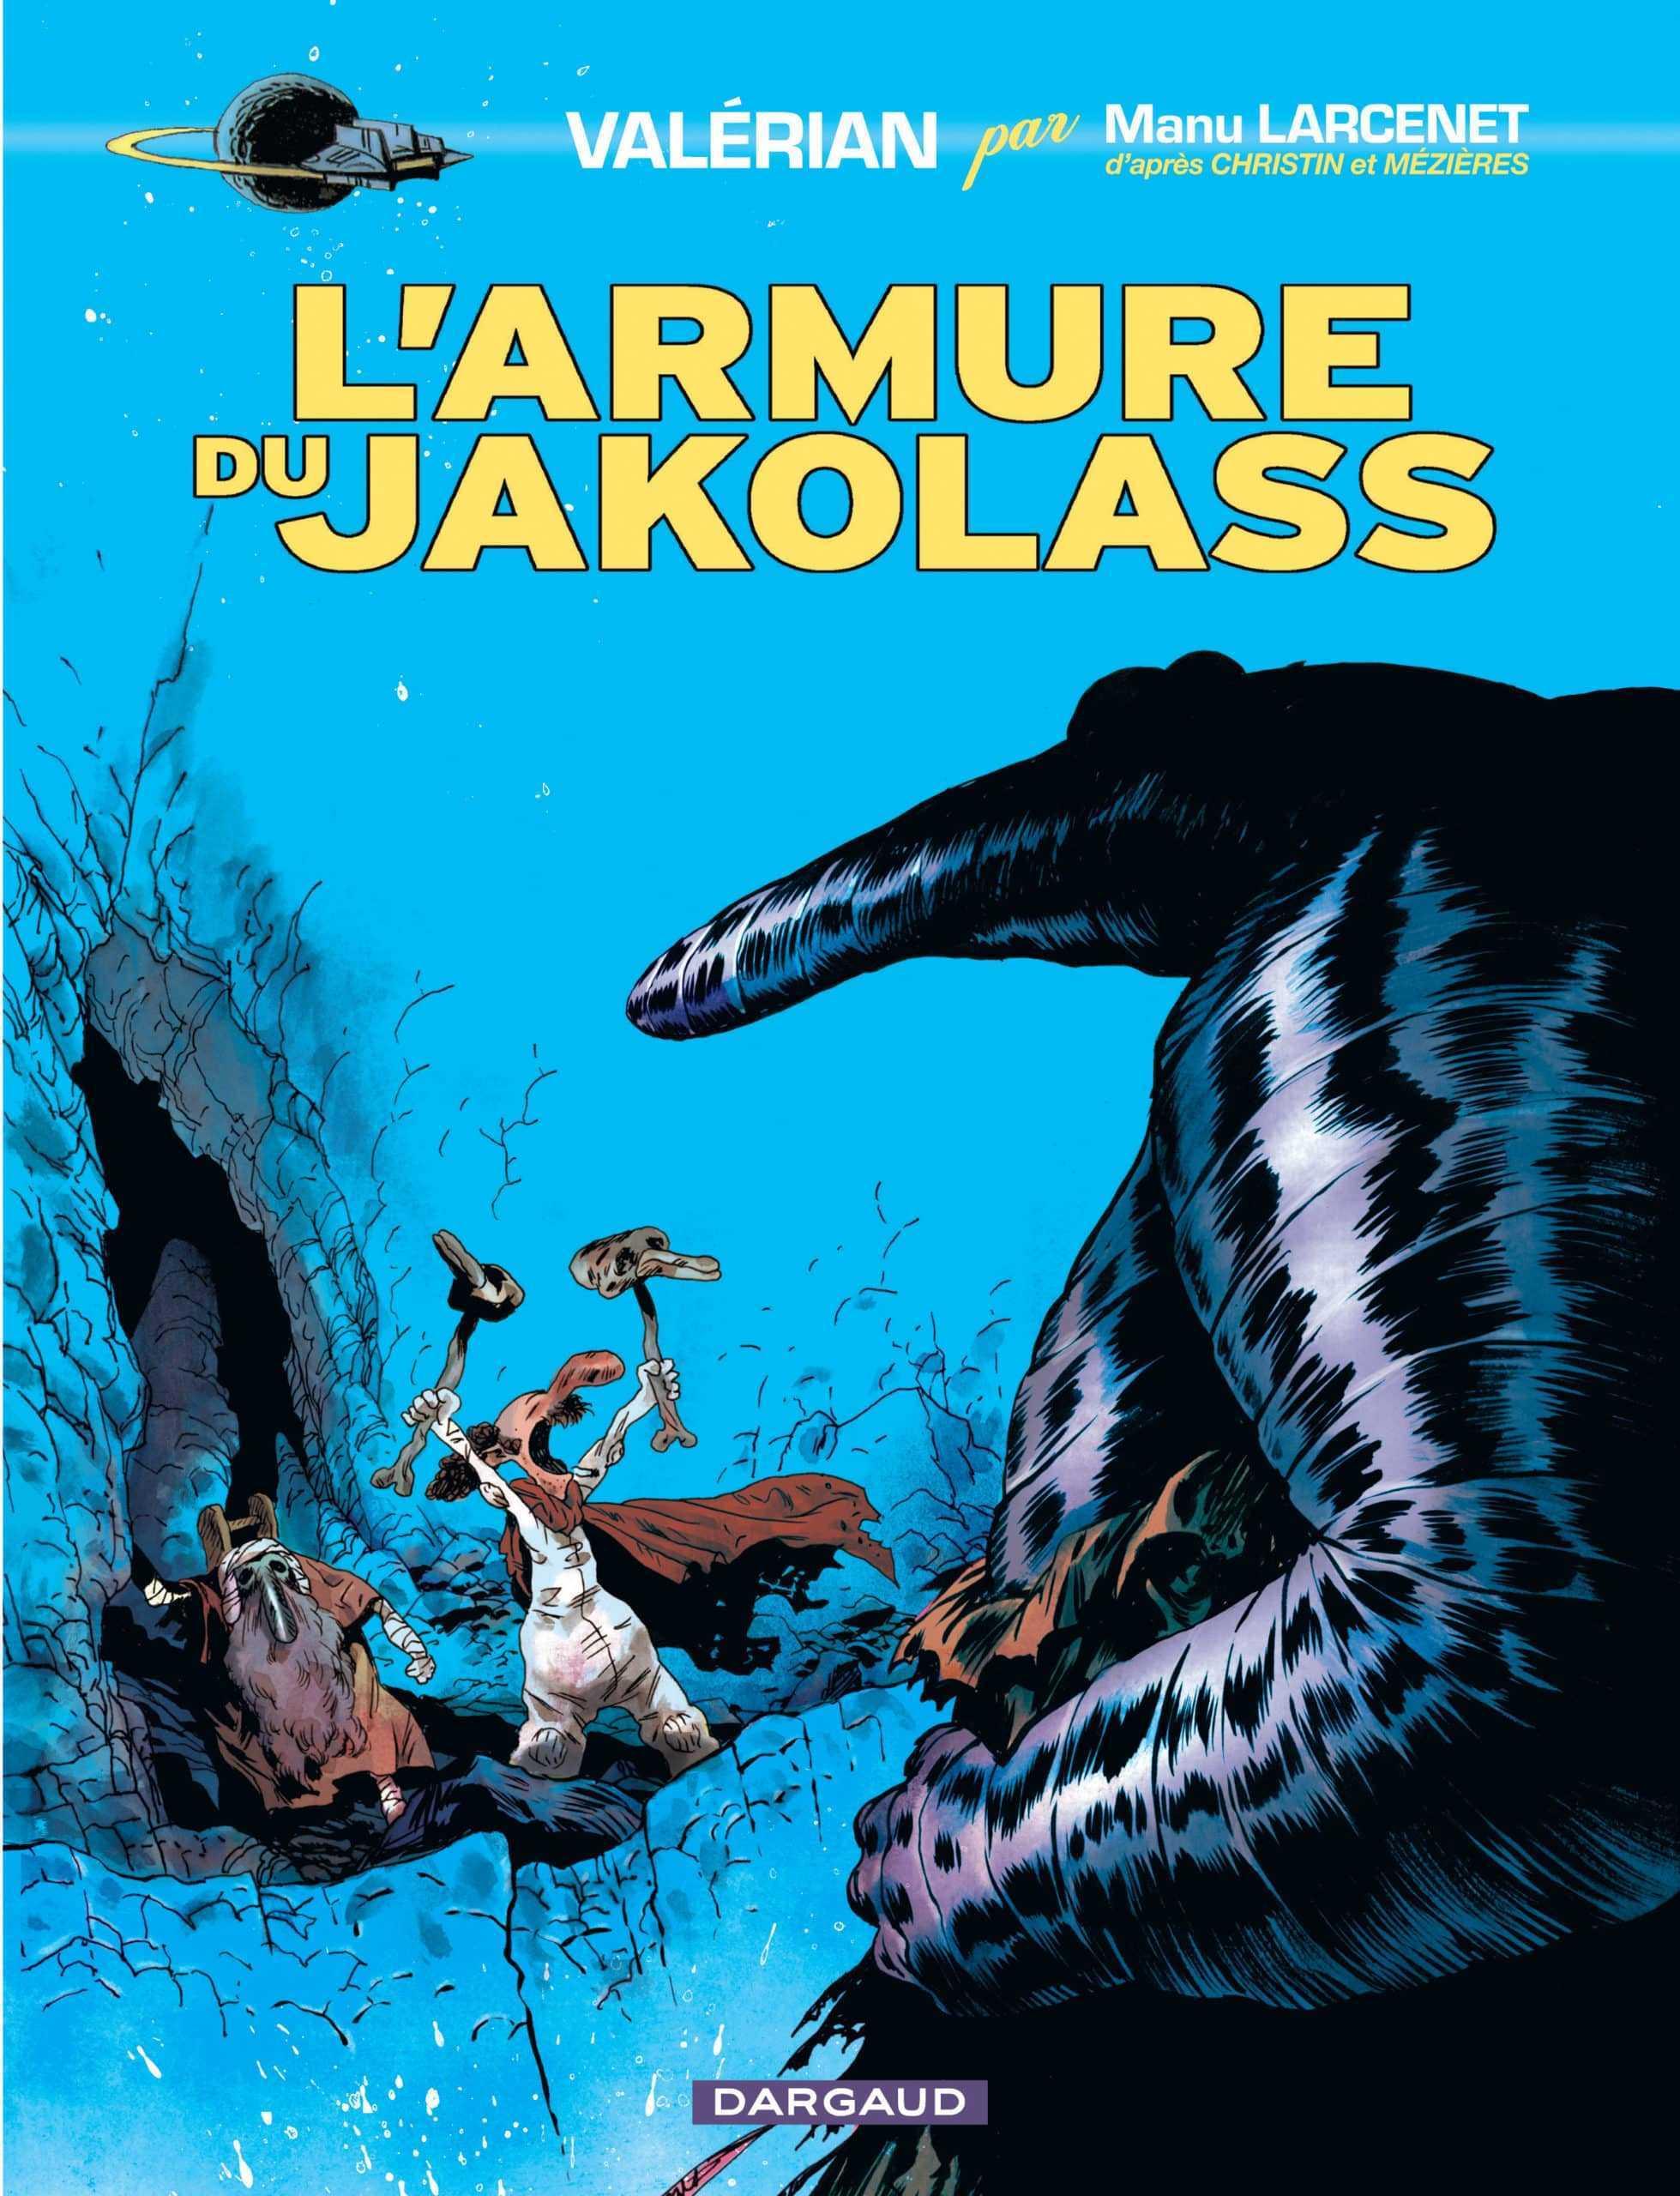 Archives : L'Armure du Jakolass, quand Manu Larcenet revisitait l'univers de Valérian